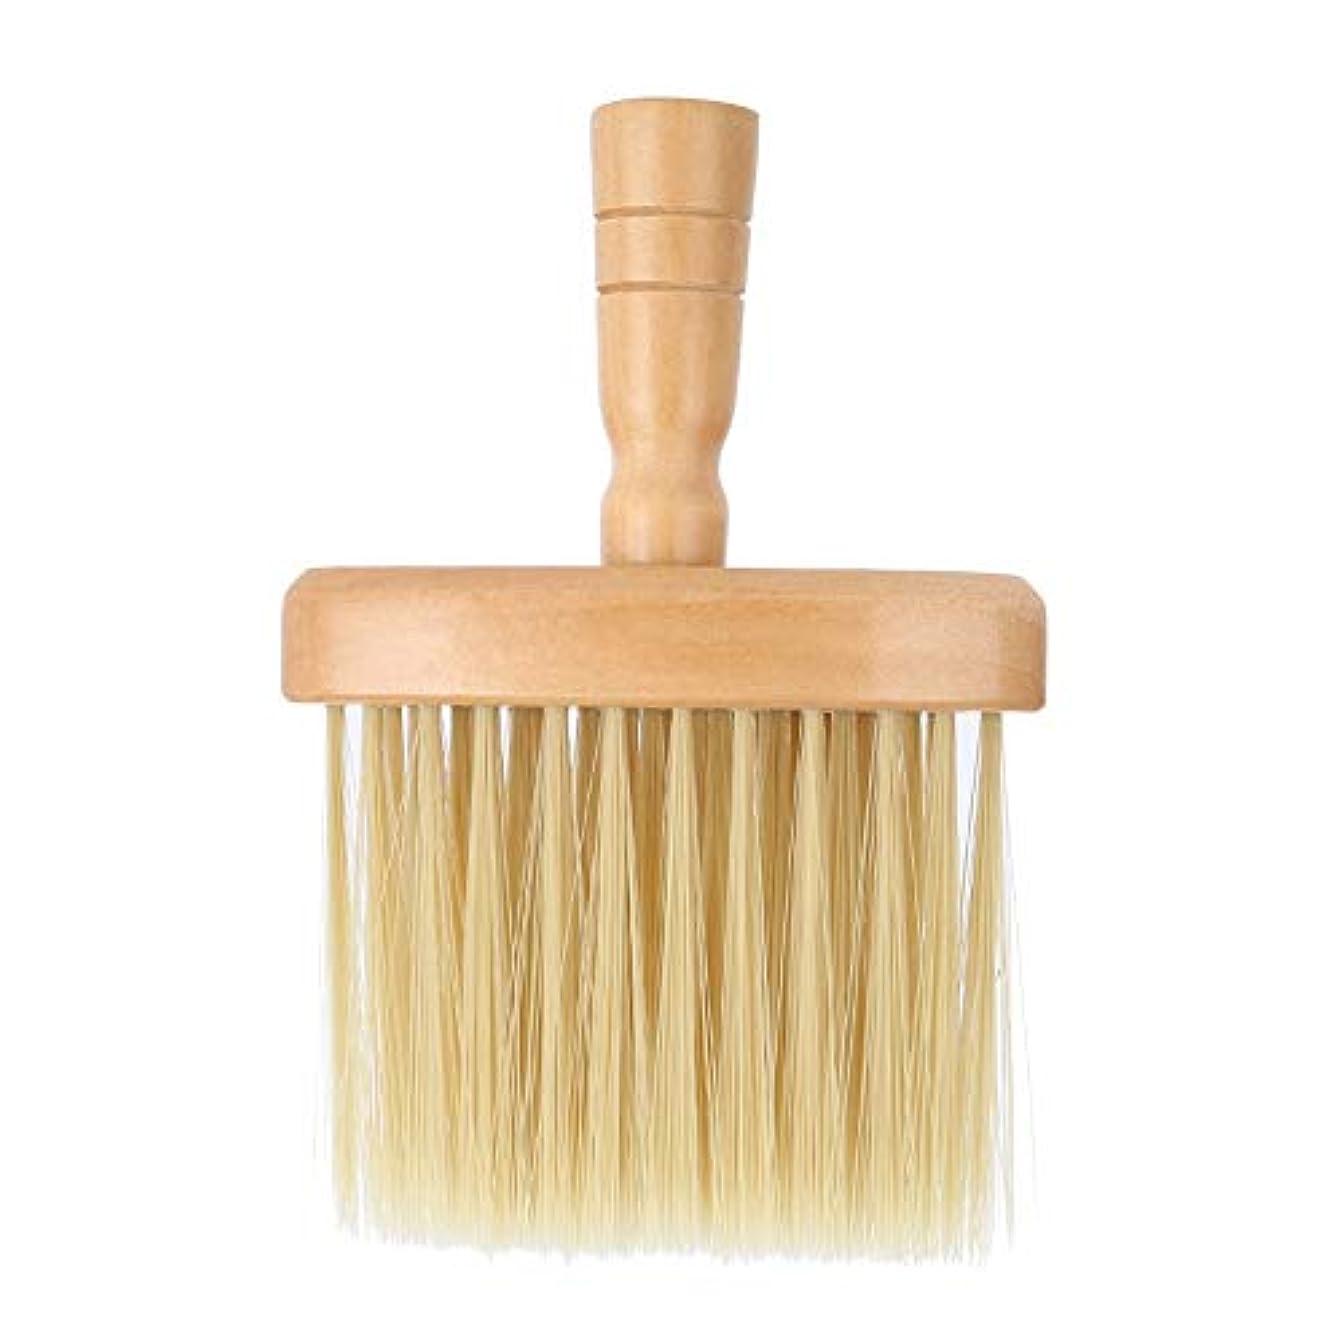 移植原子炉くすぐったいヘアカットブラシネックフェイスダスターブラシサロンヘアクリーニング木製掃除ブラシヘアカット理髪ツール